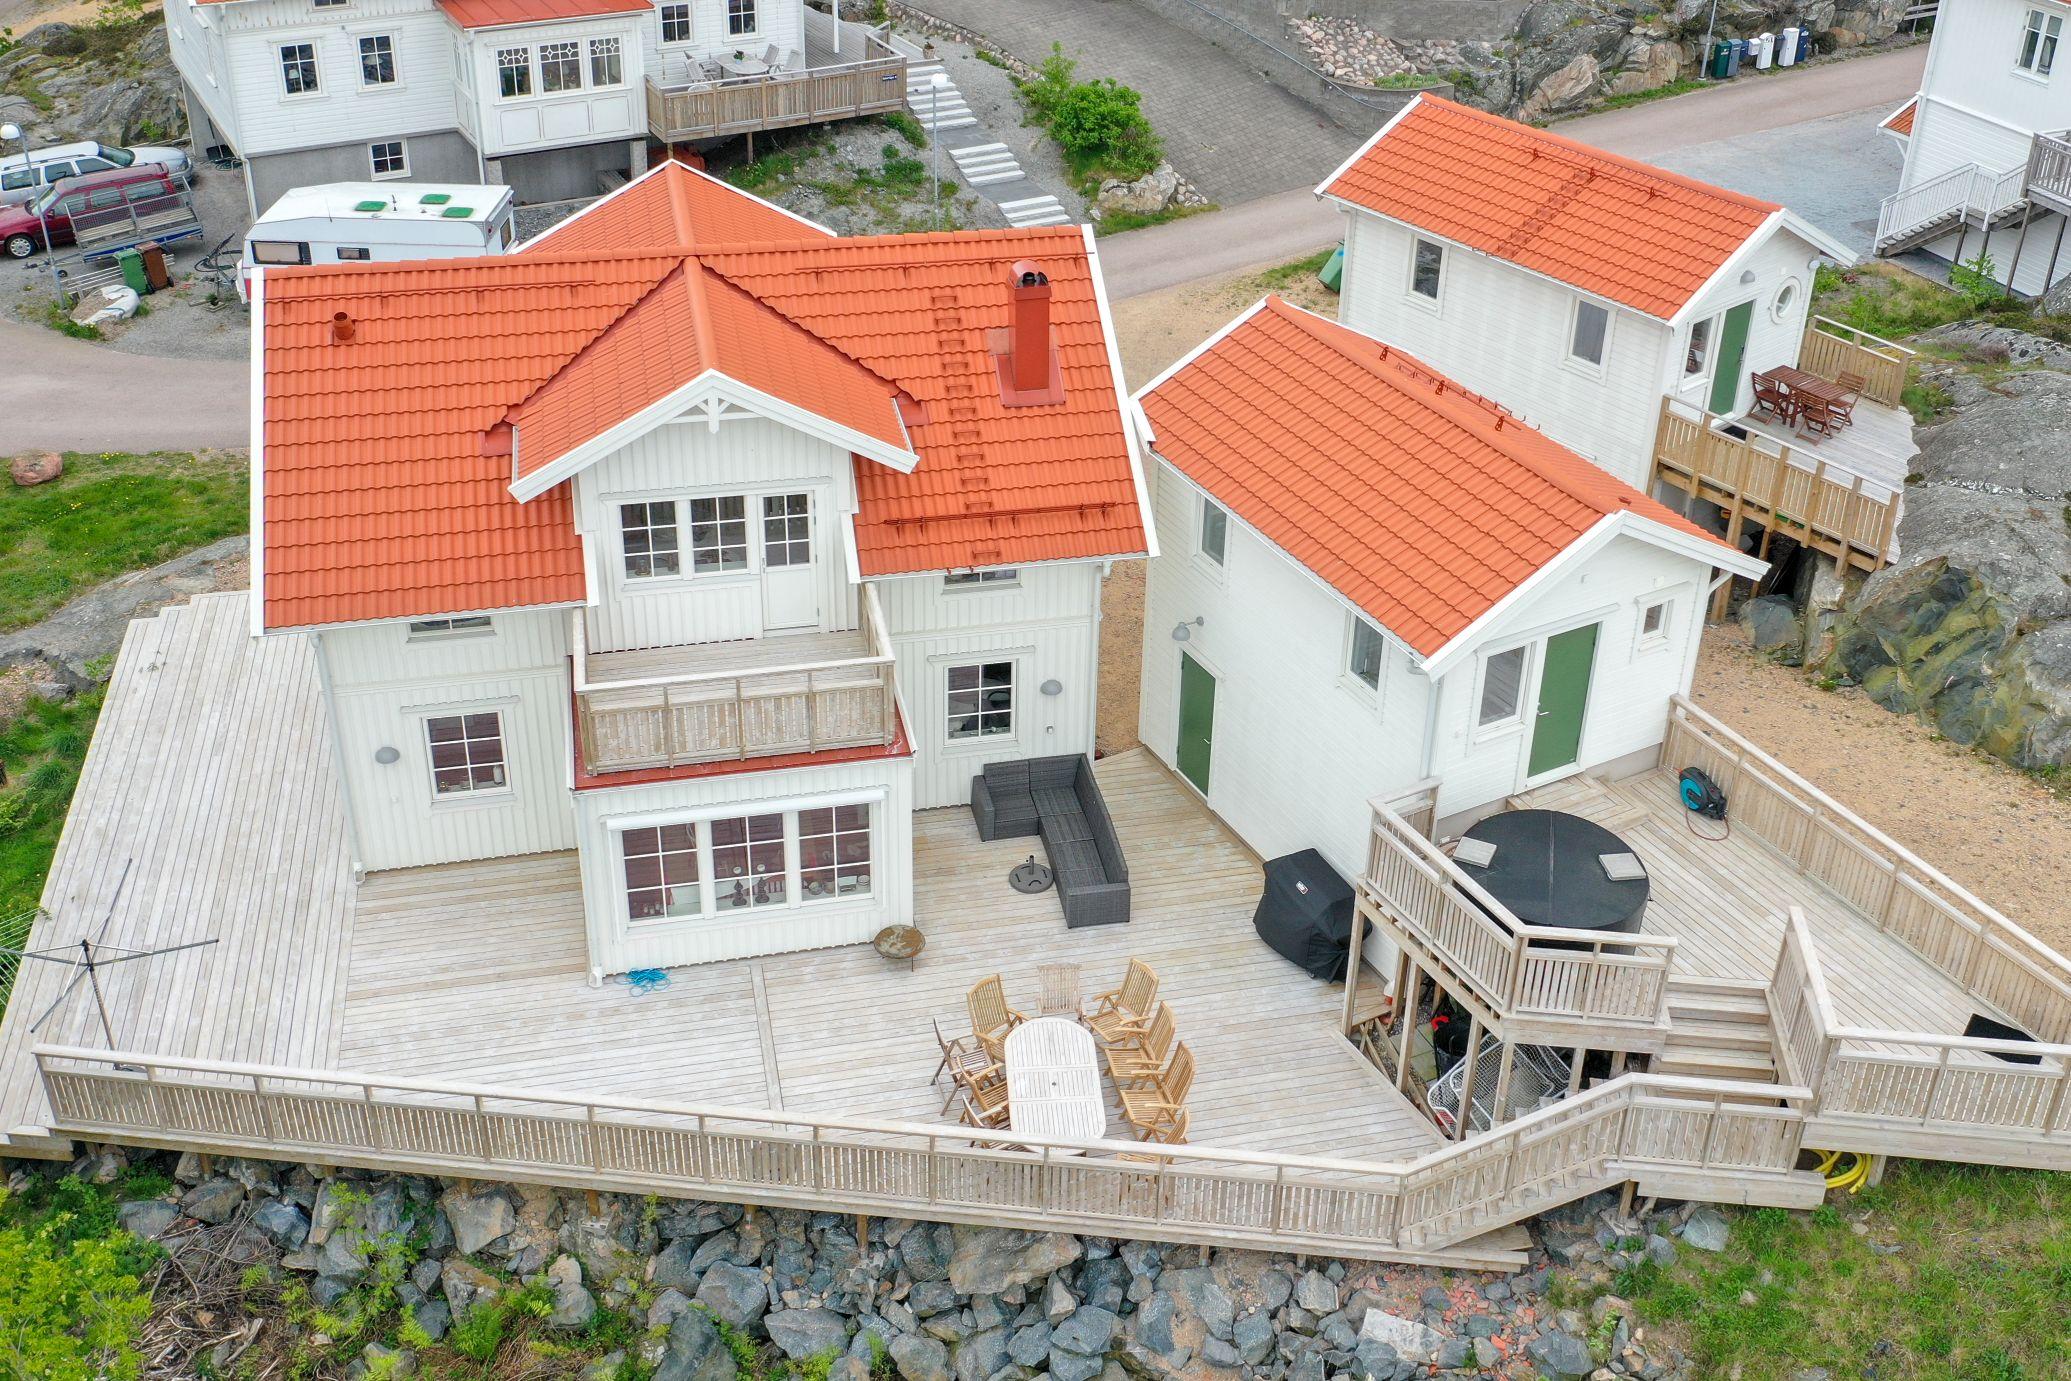 Dala trähus nytt hus byggt klassiskt skärgård